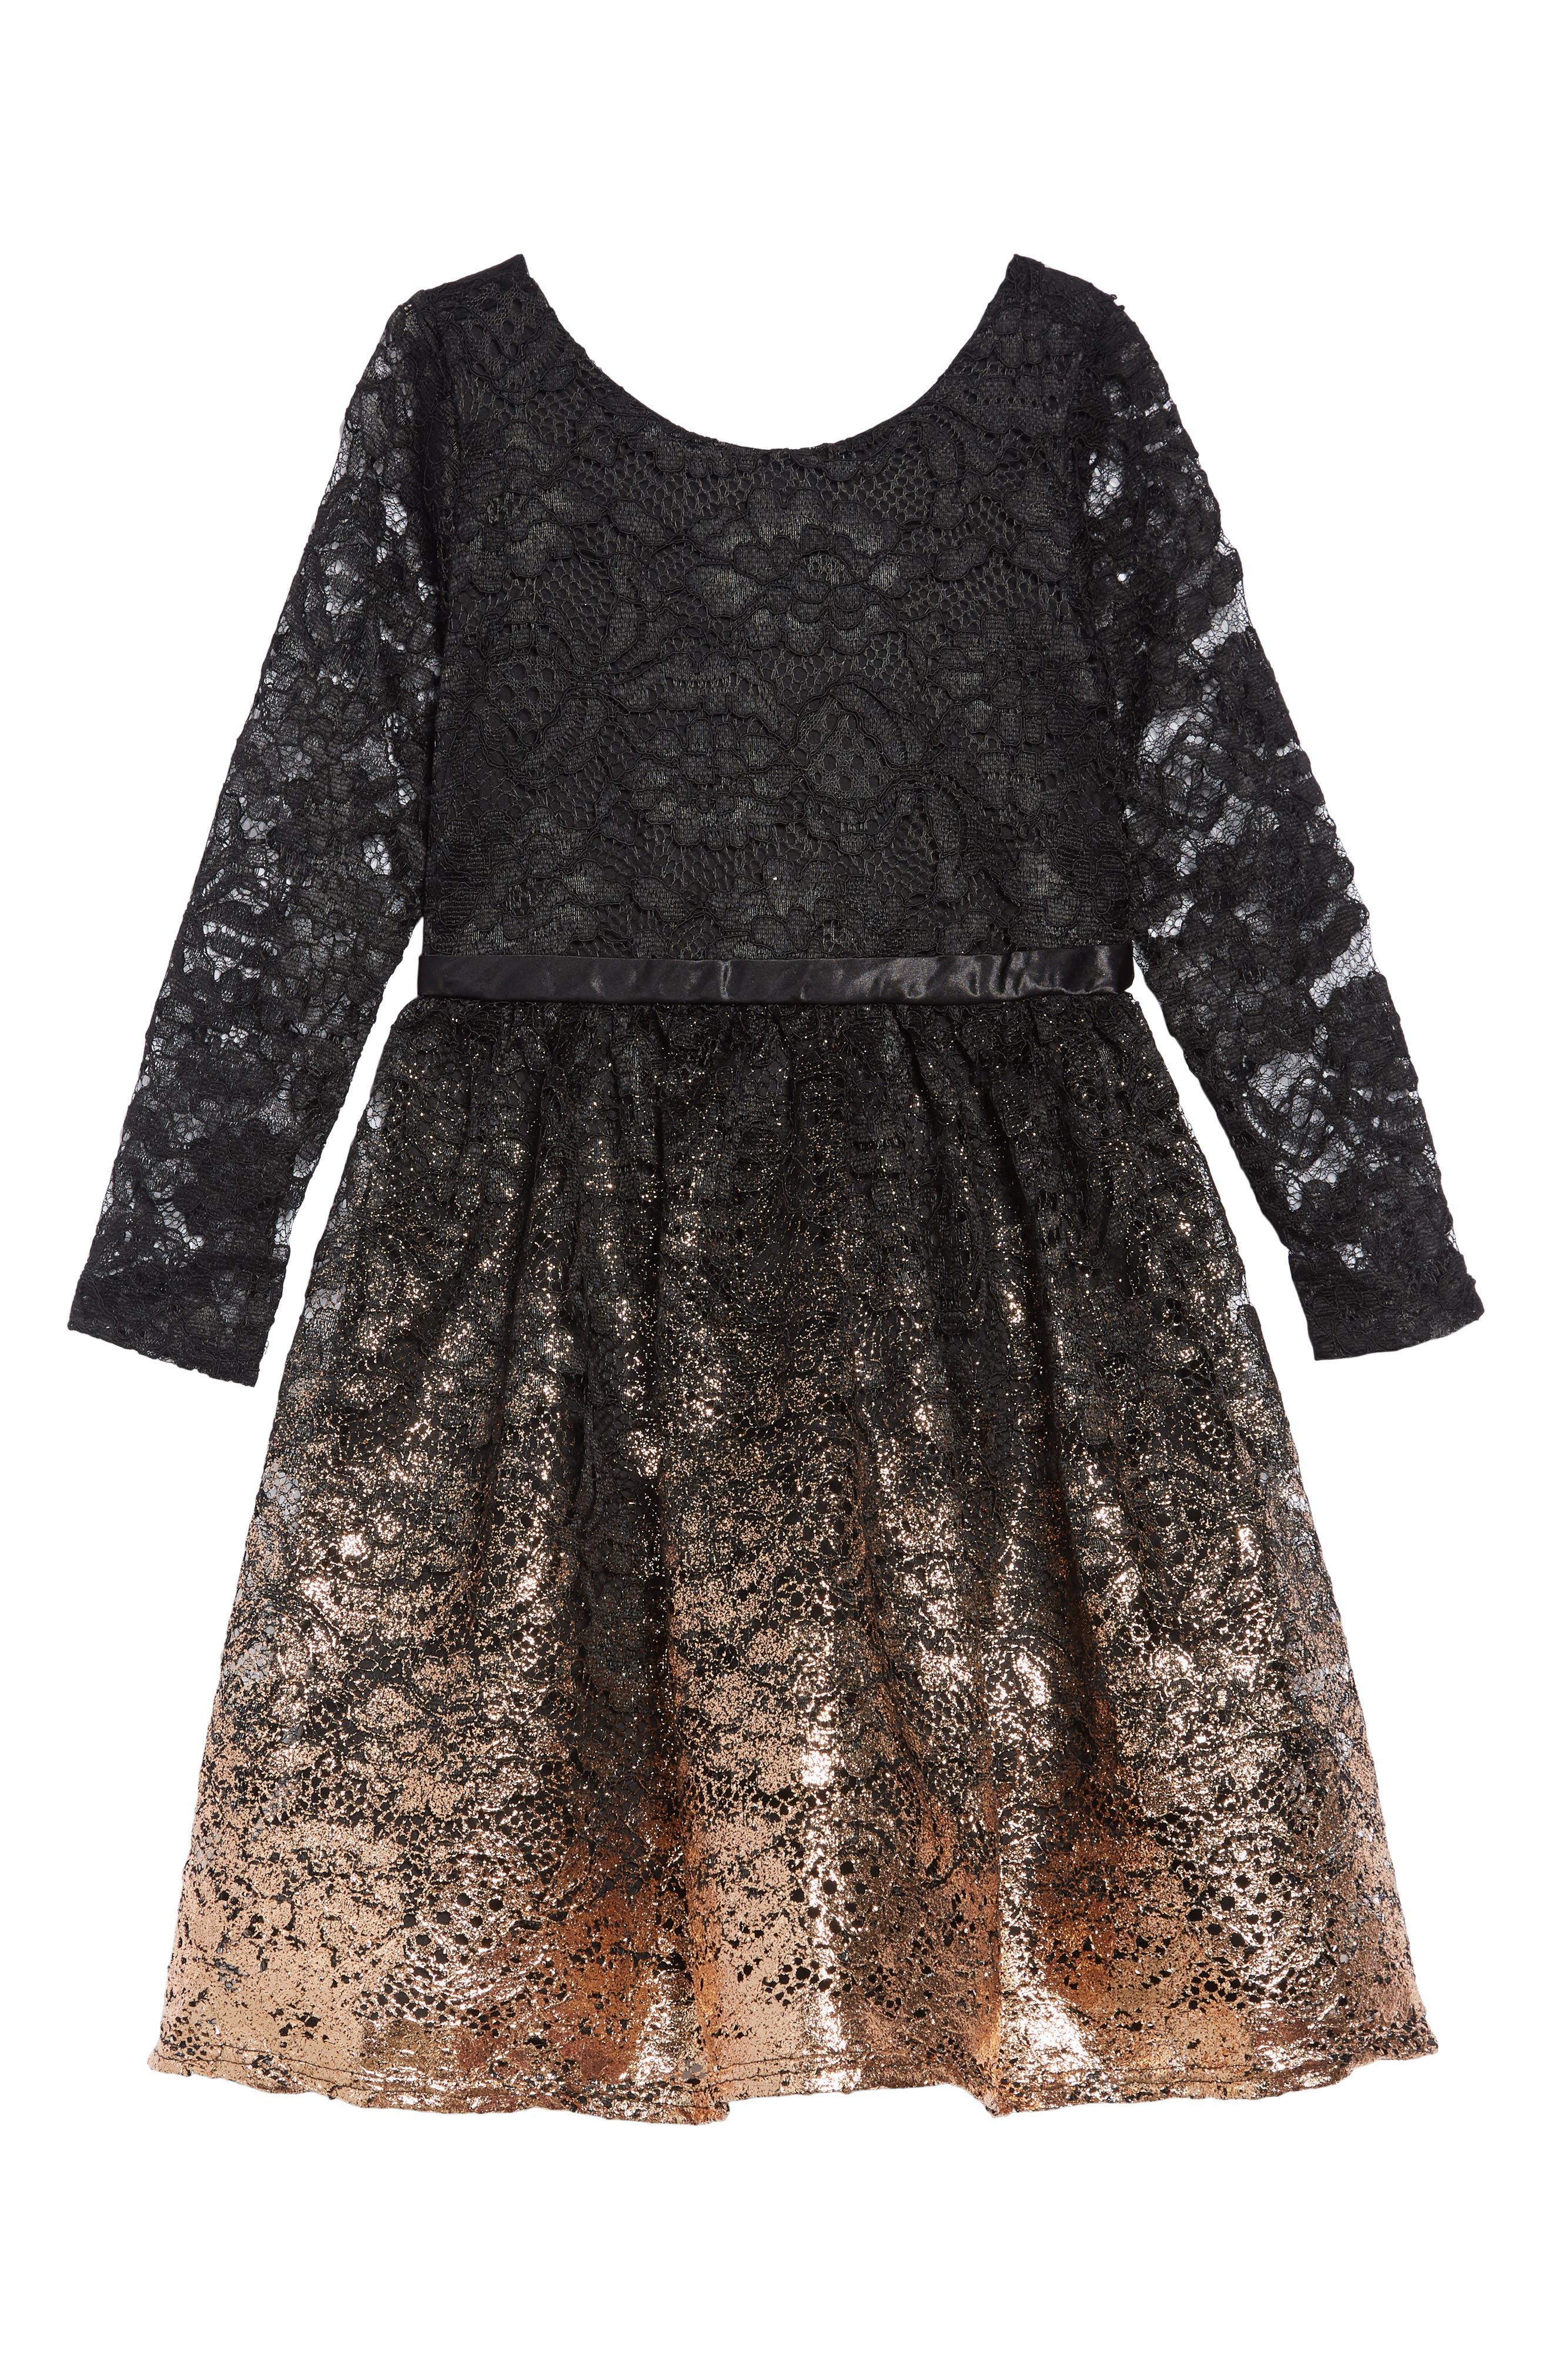 Lace Gold Ombré Dress,                             Main thumbnail 1, color,                             BLACK GOLD